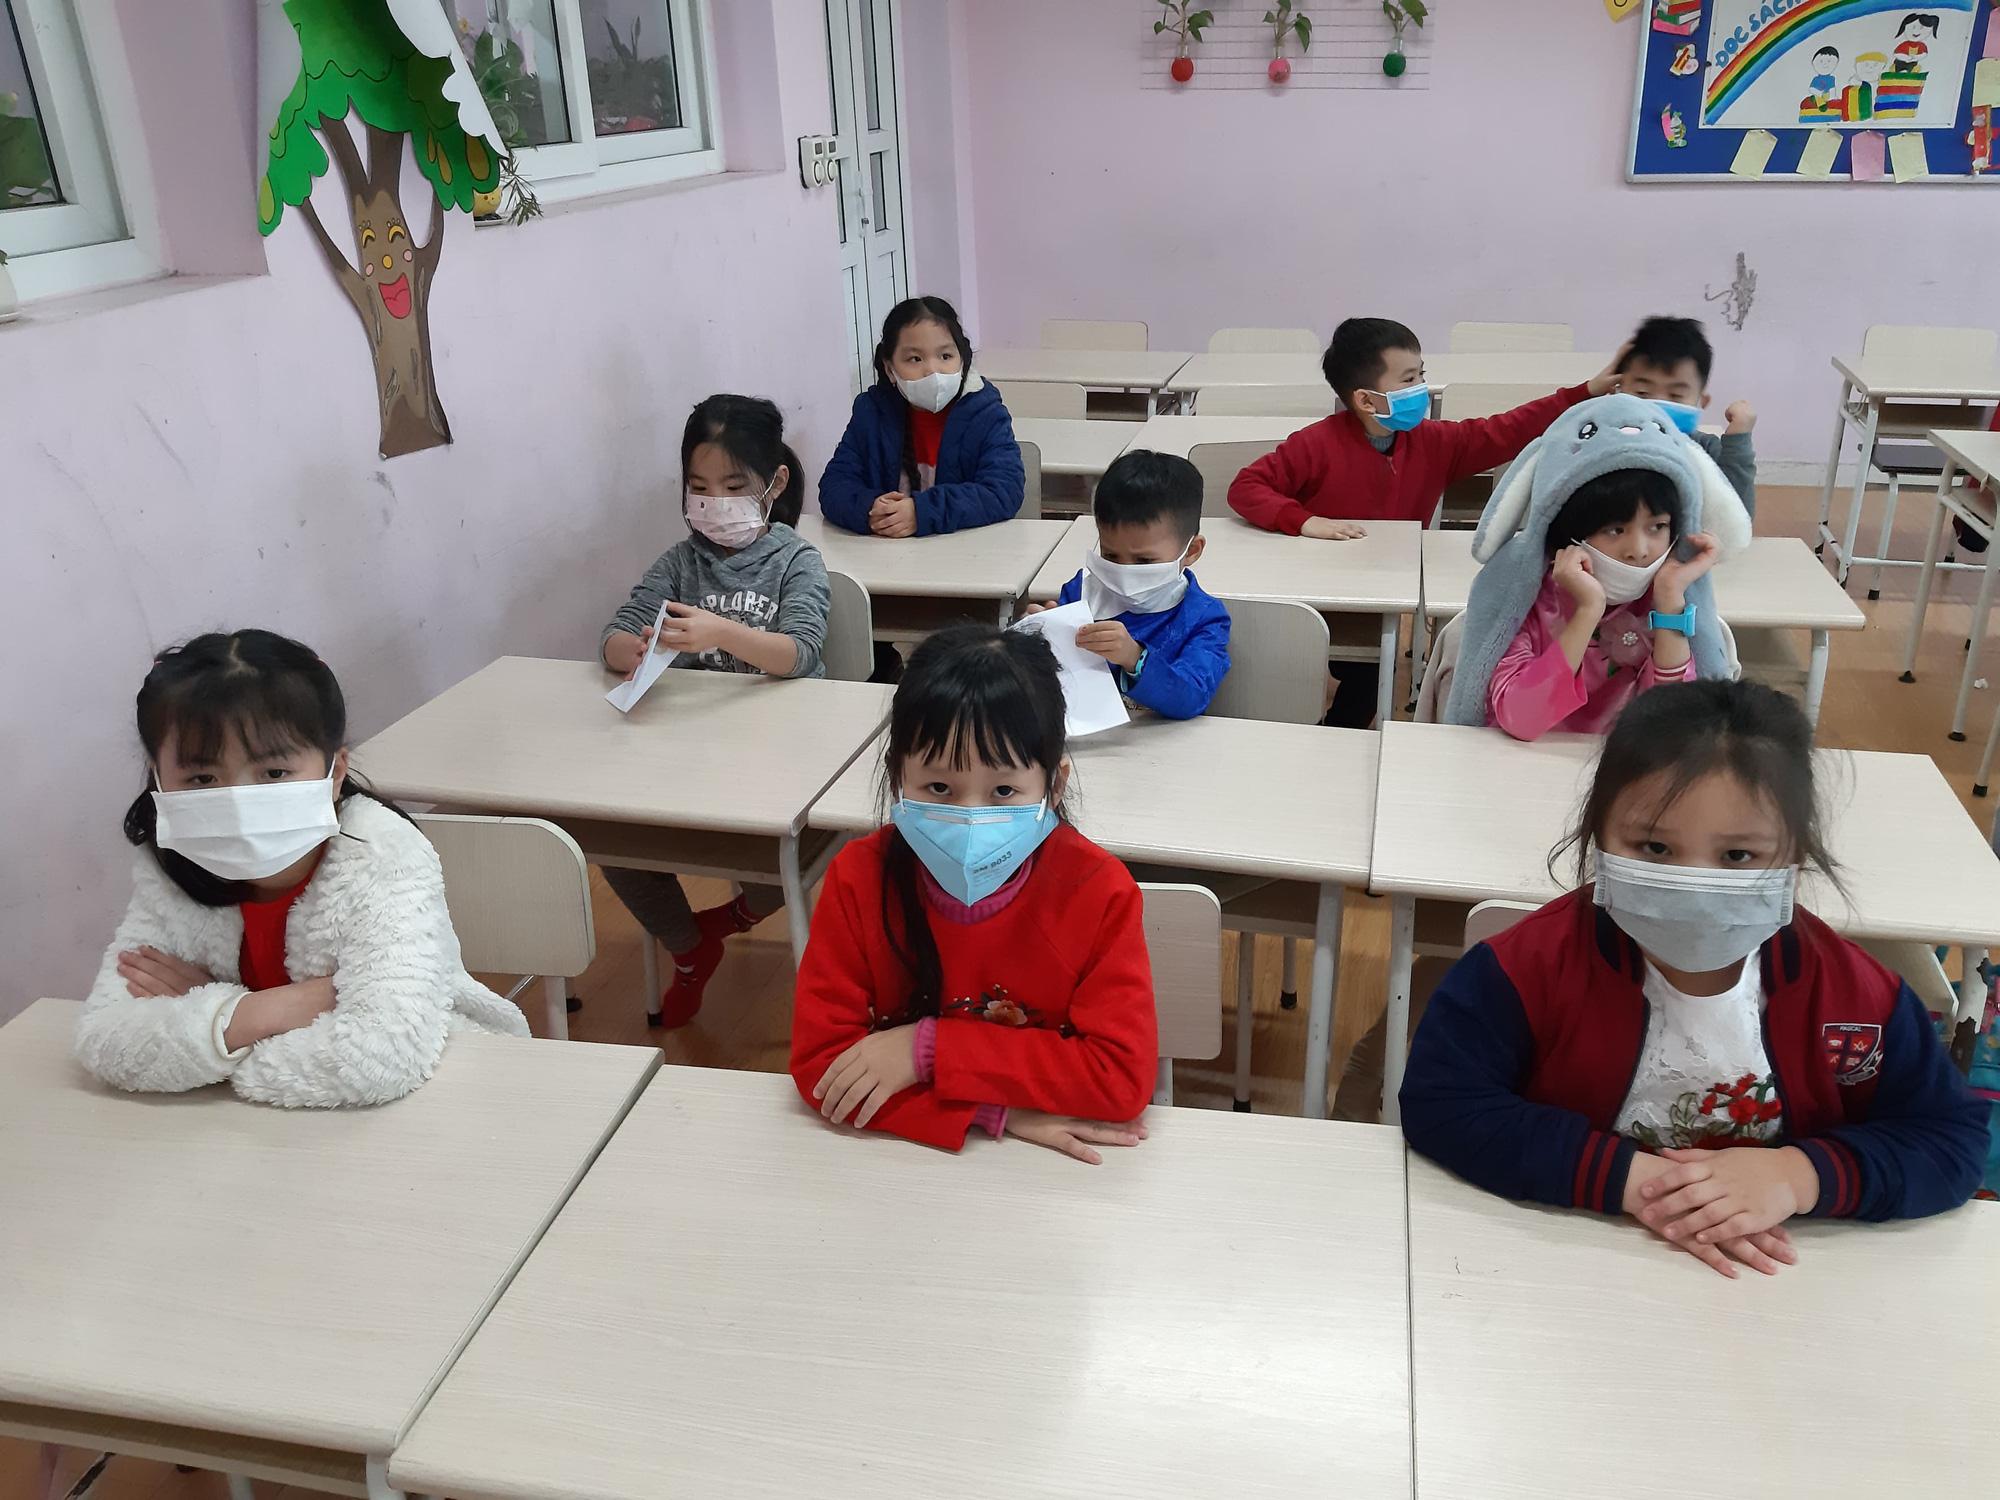 Nếu tình hình virus Corona vẫn diễn biến phức tạp thì có nên cho học sinh tiếp tục nghỉ để bảo đảm an toàn? - Ảnh 2.